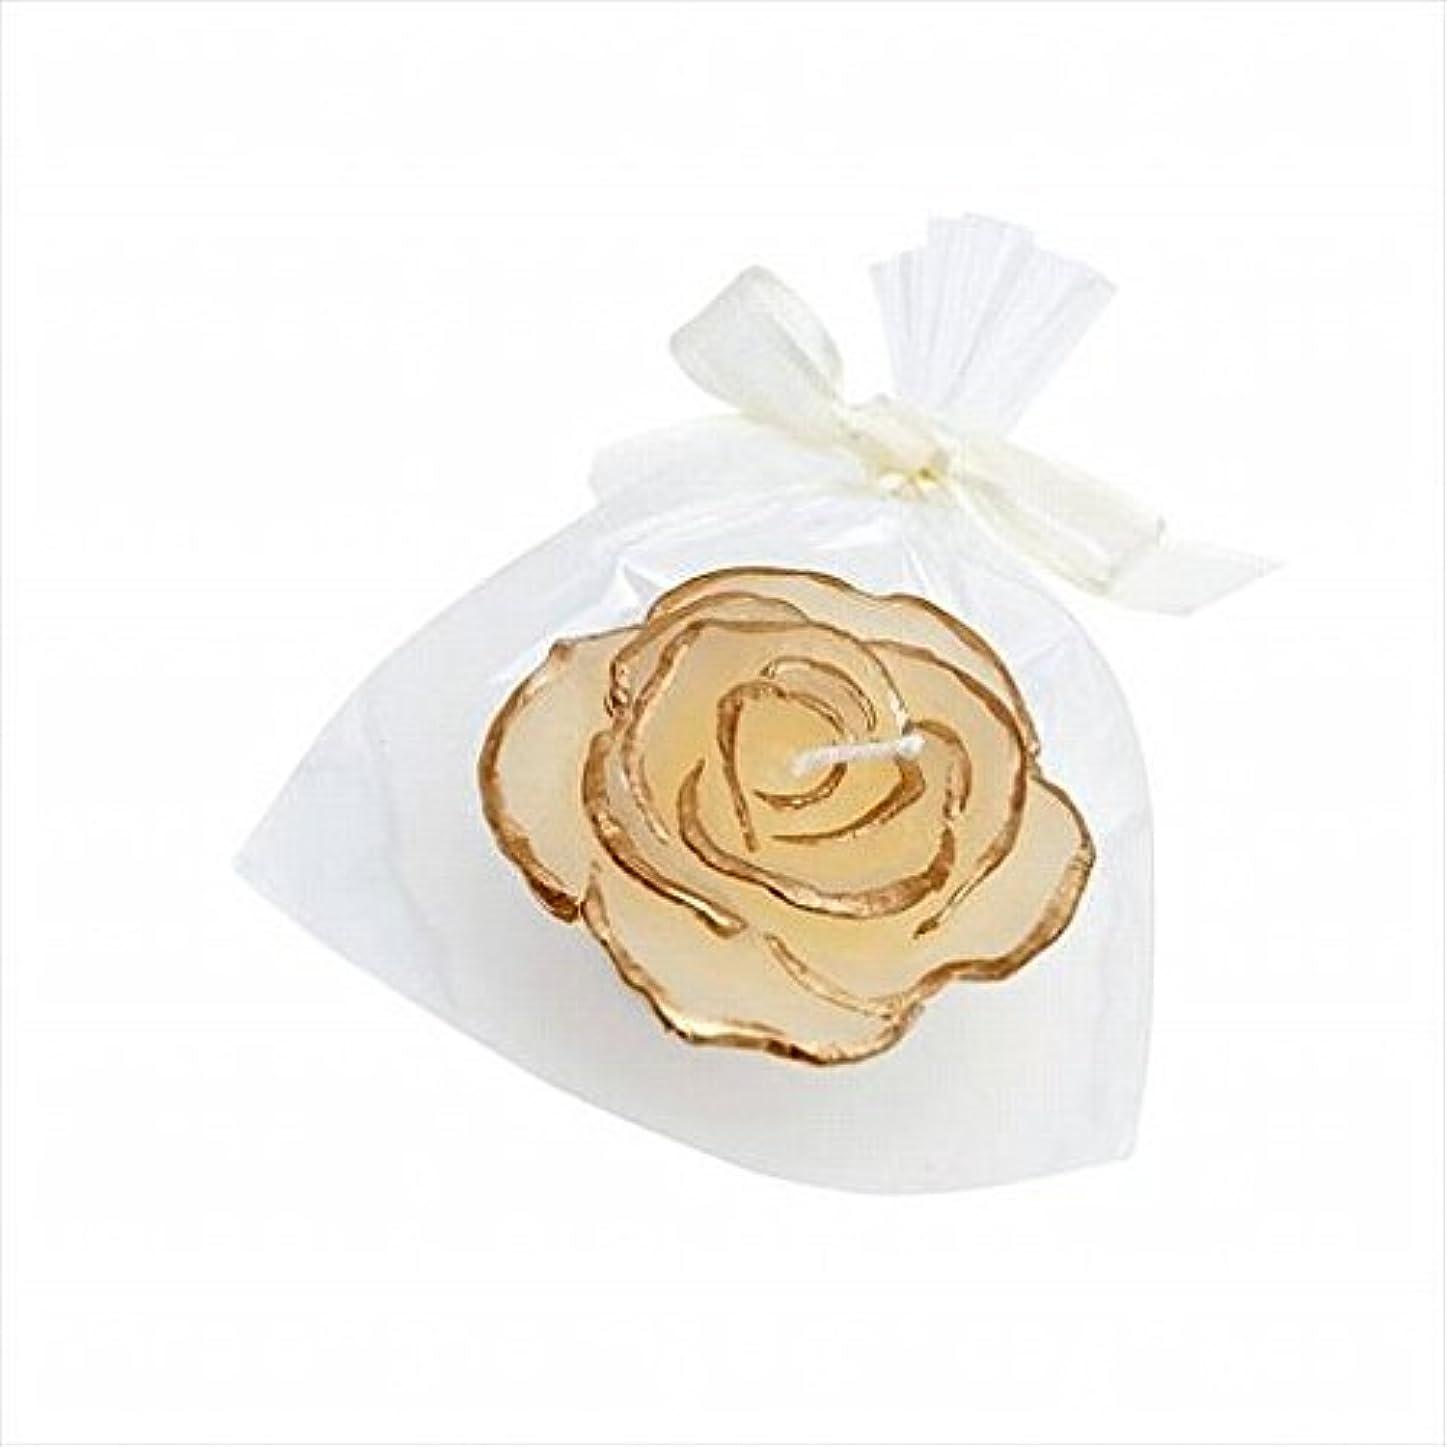 消す交渉するコカインkameyama candle(カメヤマキャンドル) プリンセスローズ 「 アイボリー 」(A6390500IV)